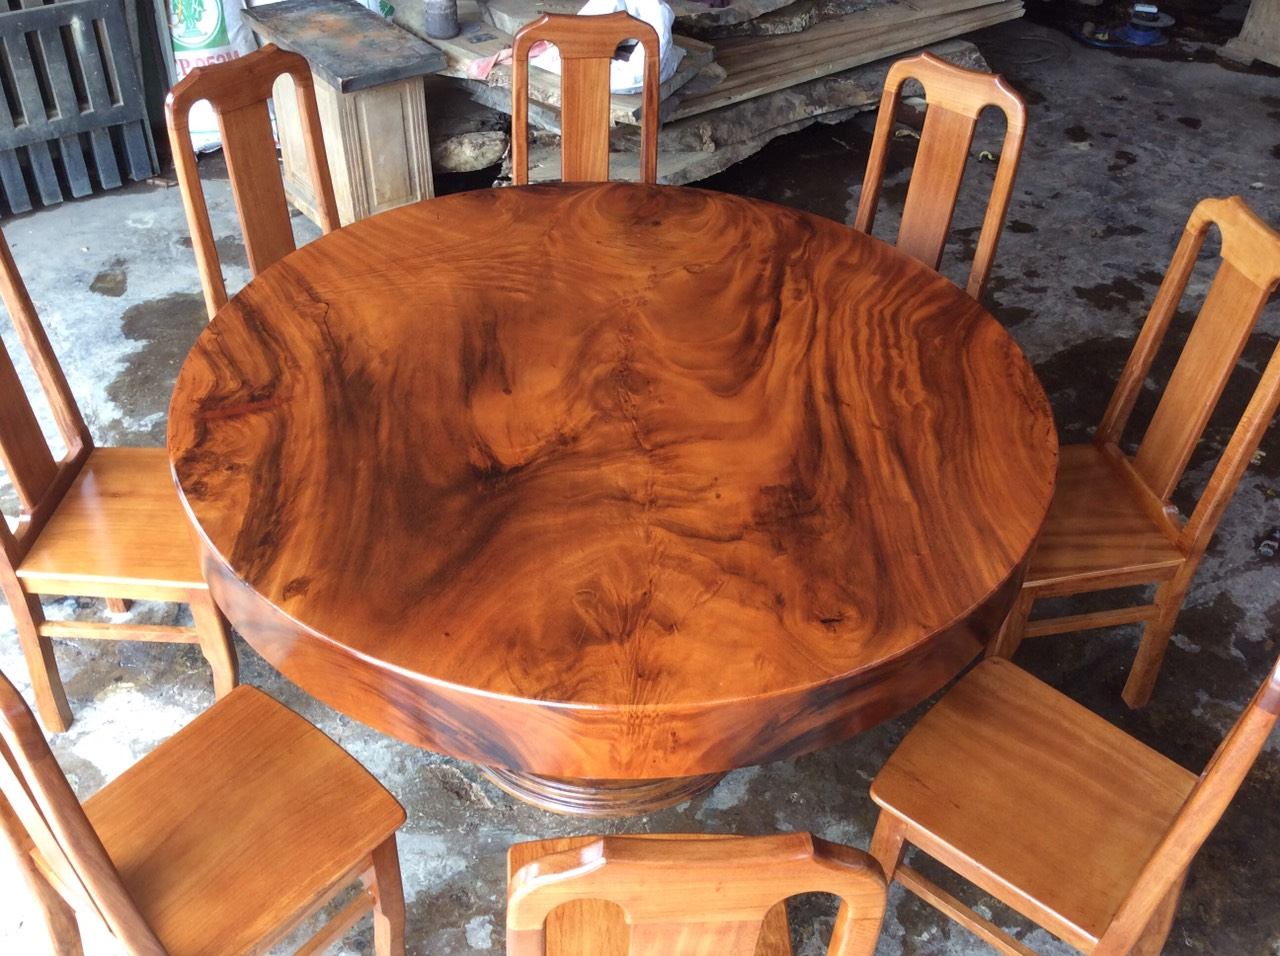 Xưởng sản xuất bàn tròn gỗ me tây nguyên tấm tại tphcm